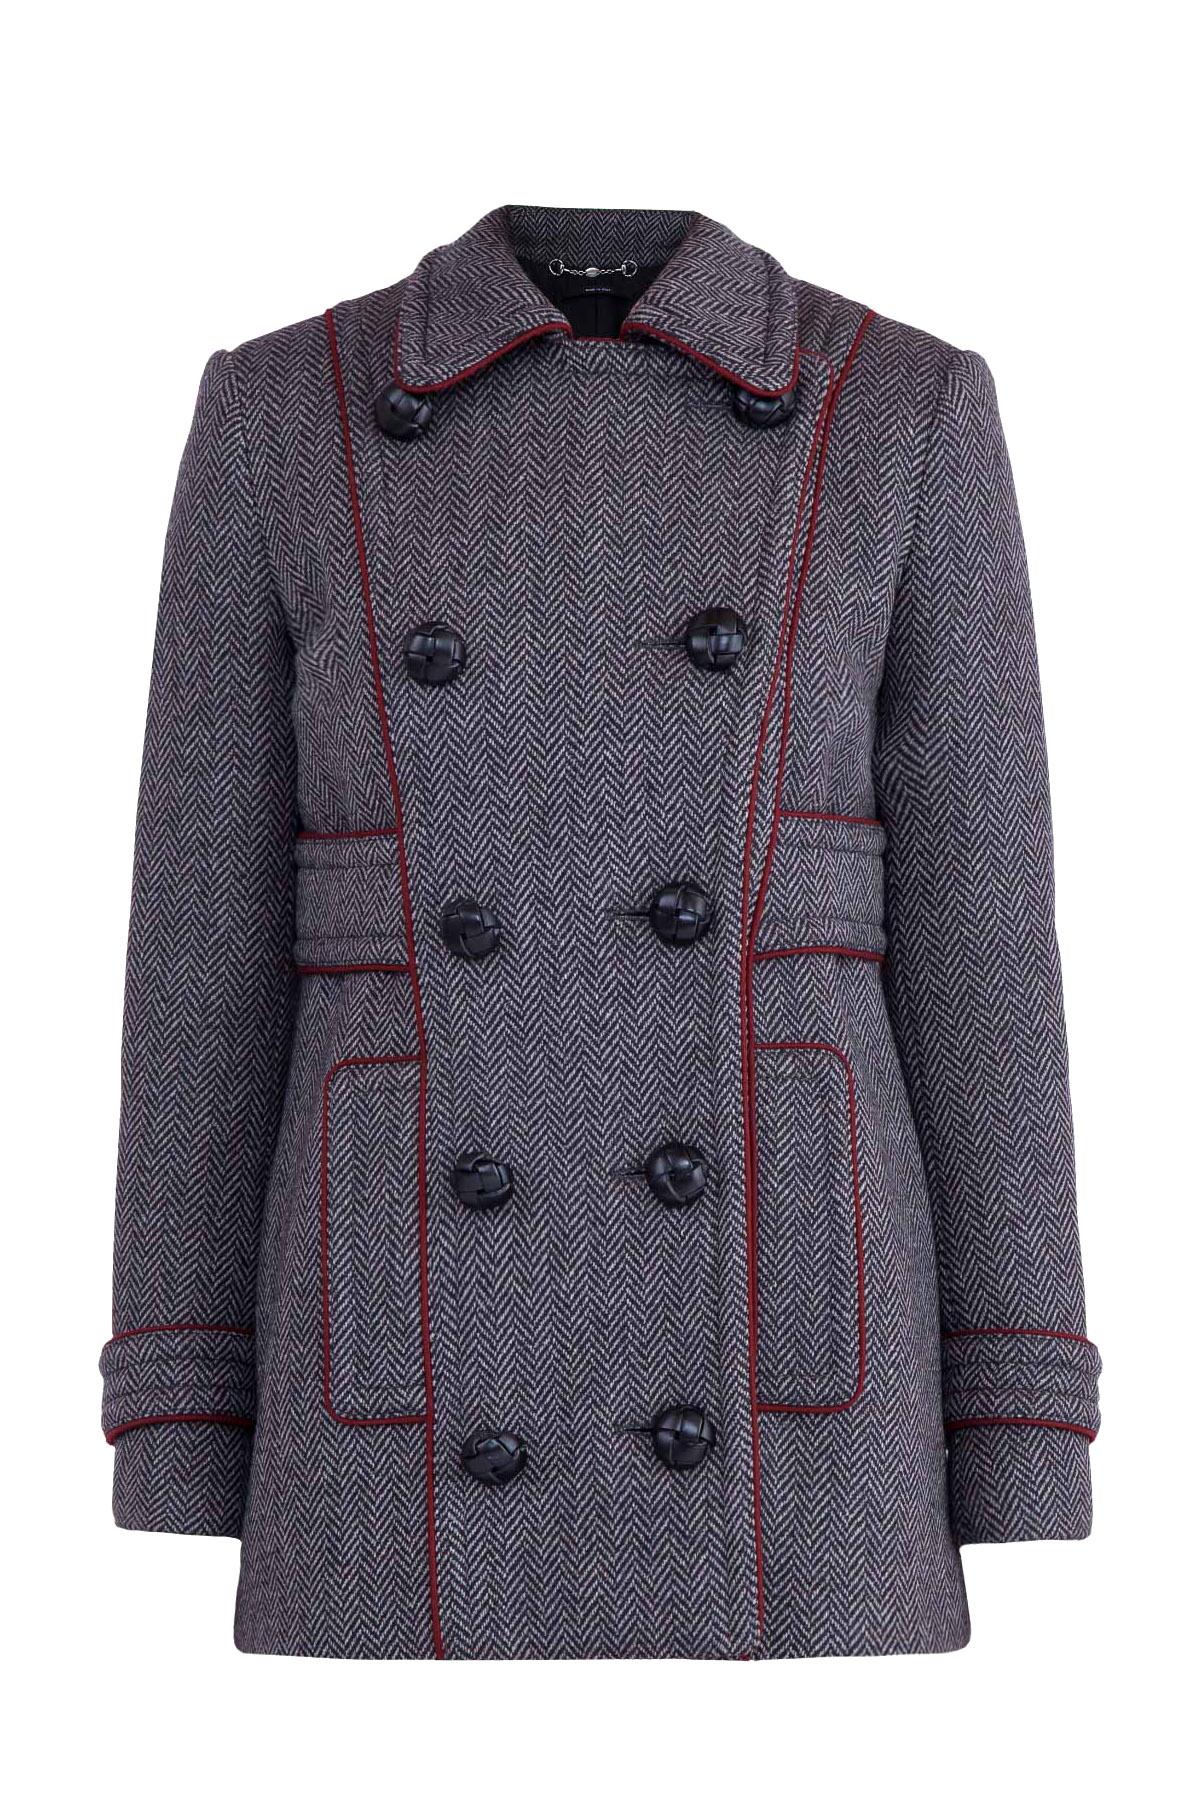 Купить Пальто, GUCCI, Италия, полиамид 100%, шерсть 98%, спандекс 1%, полиамид 1%, кожа 100%, вискоза 80%, полиэстер 20%